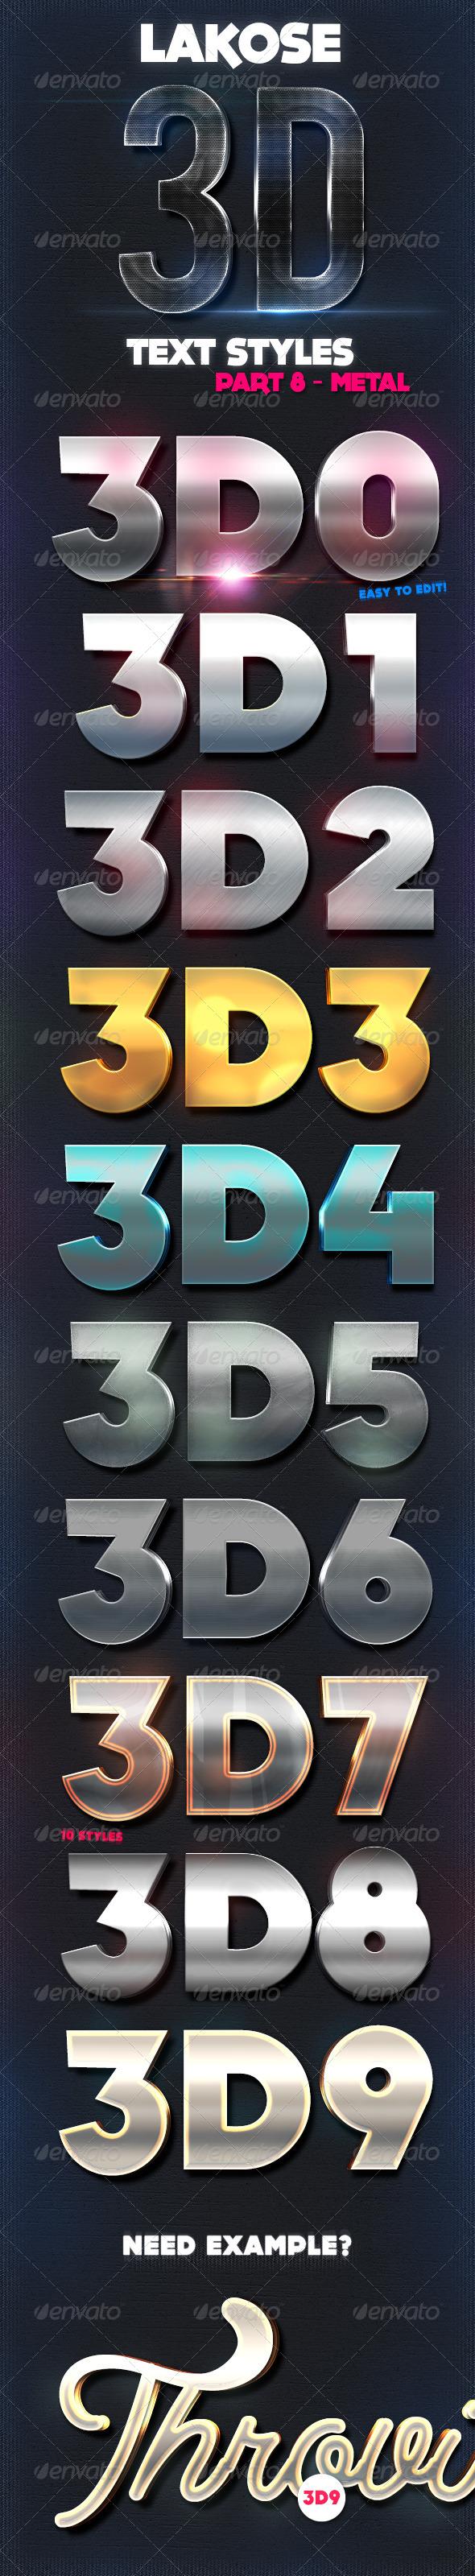 GraphicRiver Lakose 3D Text Syles Part 8 8713267